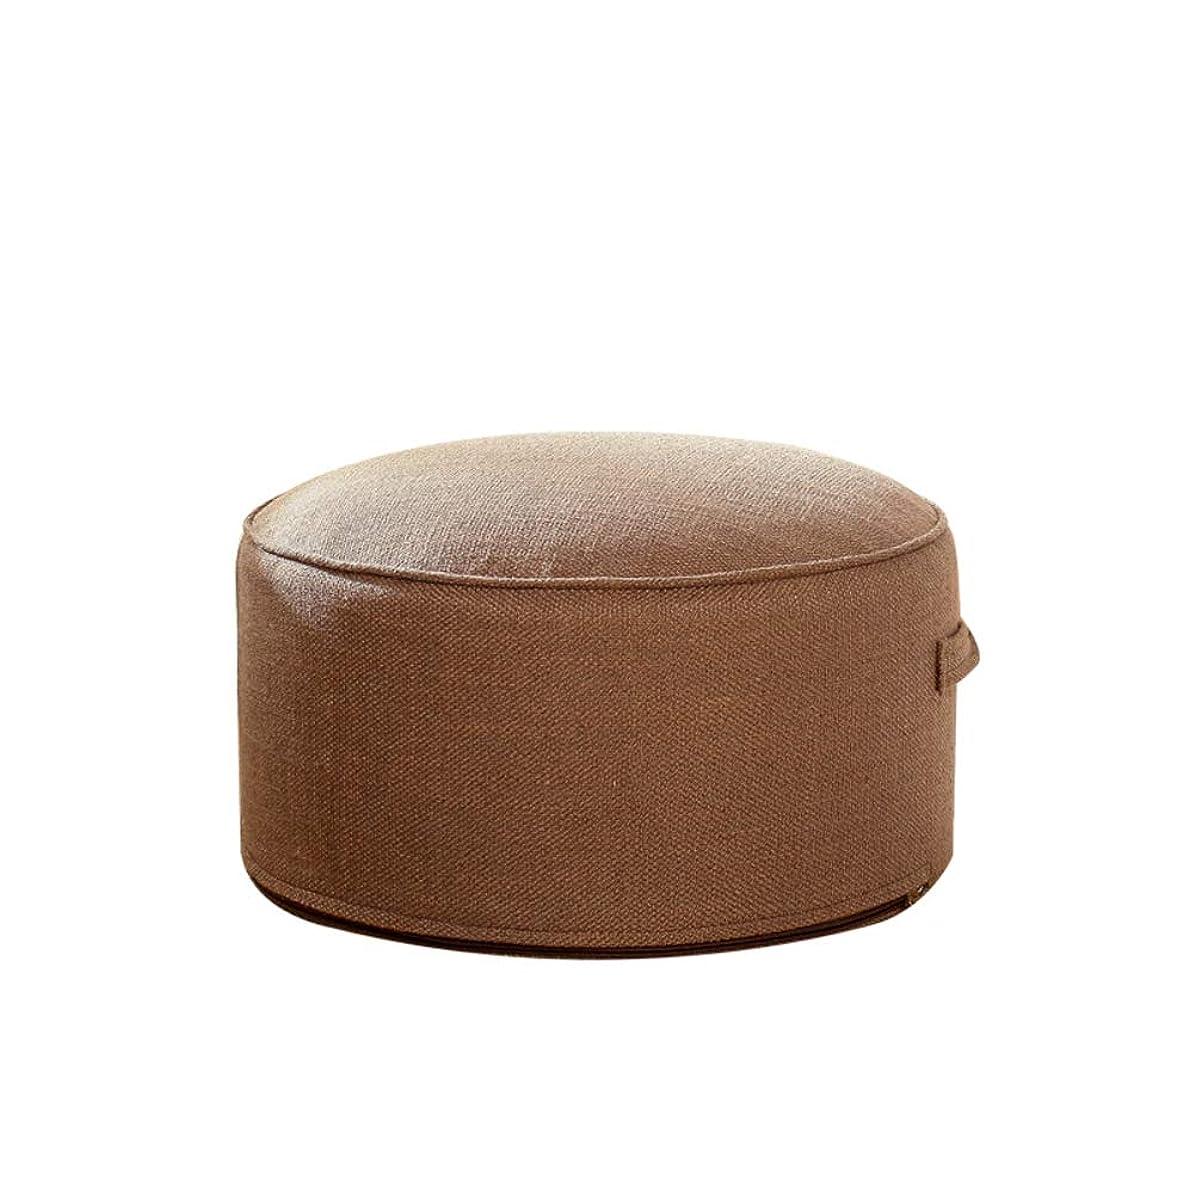 風変わりな探検議論するコットン ? リネン 厚く イス用シートクッション, 座布団, 日本語 ラウンド なよなよした男 便, パッド 床枕 マット布団 マットマット 洗える ホーム-ブラウン 直径:38cm